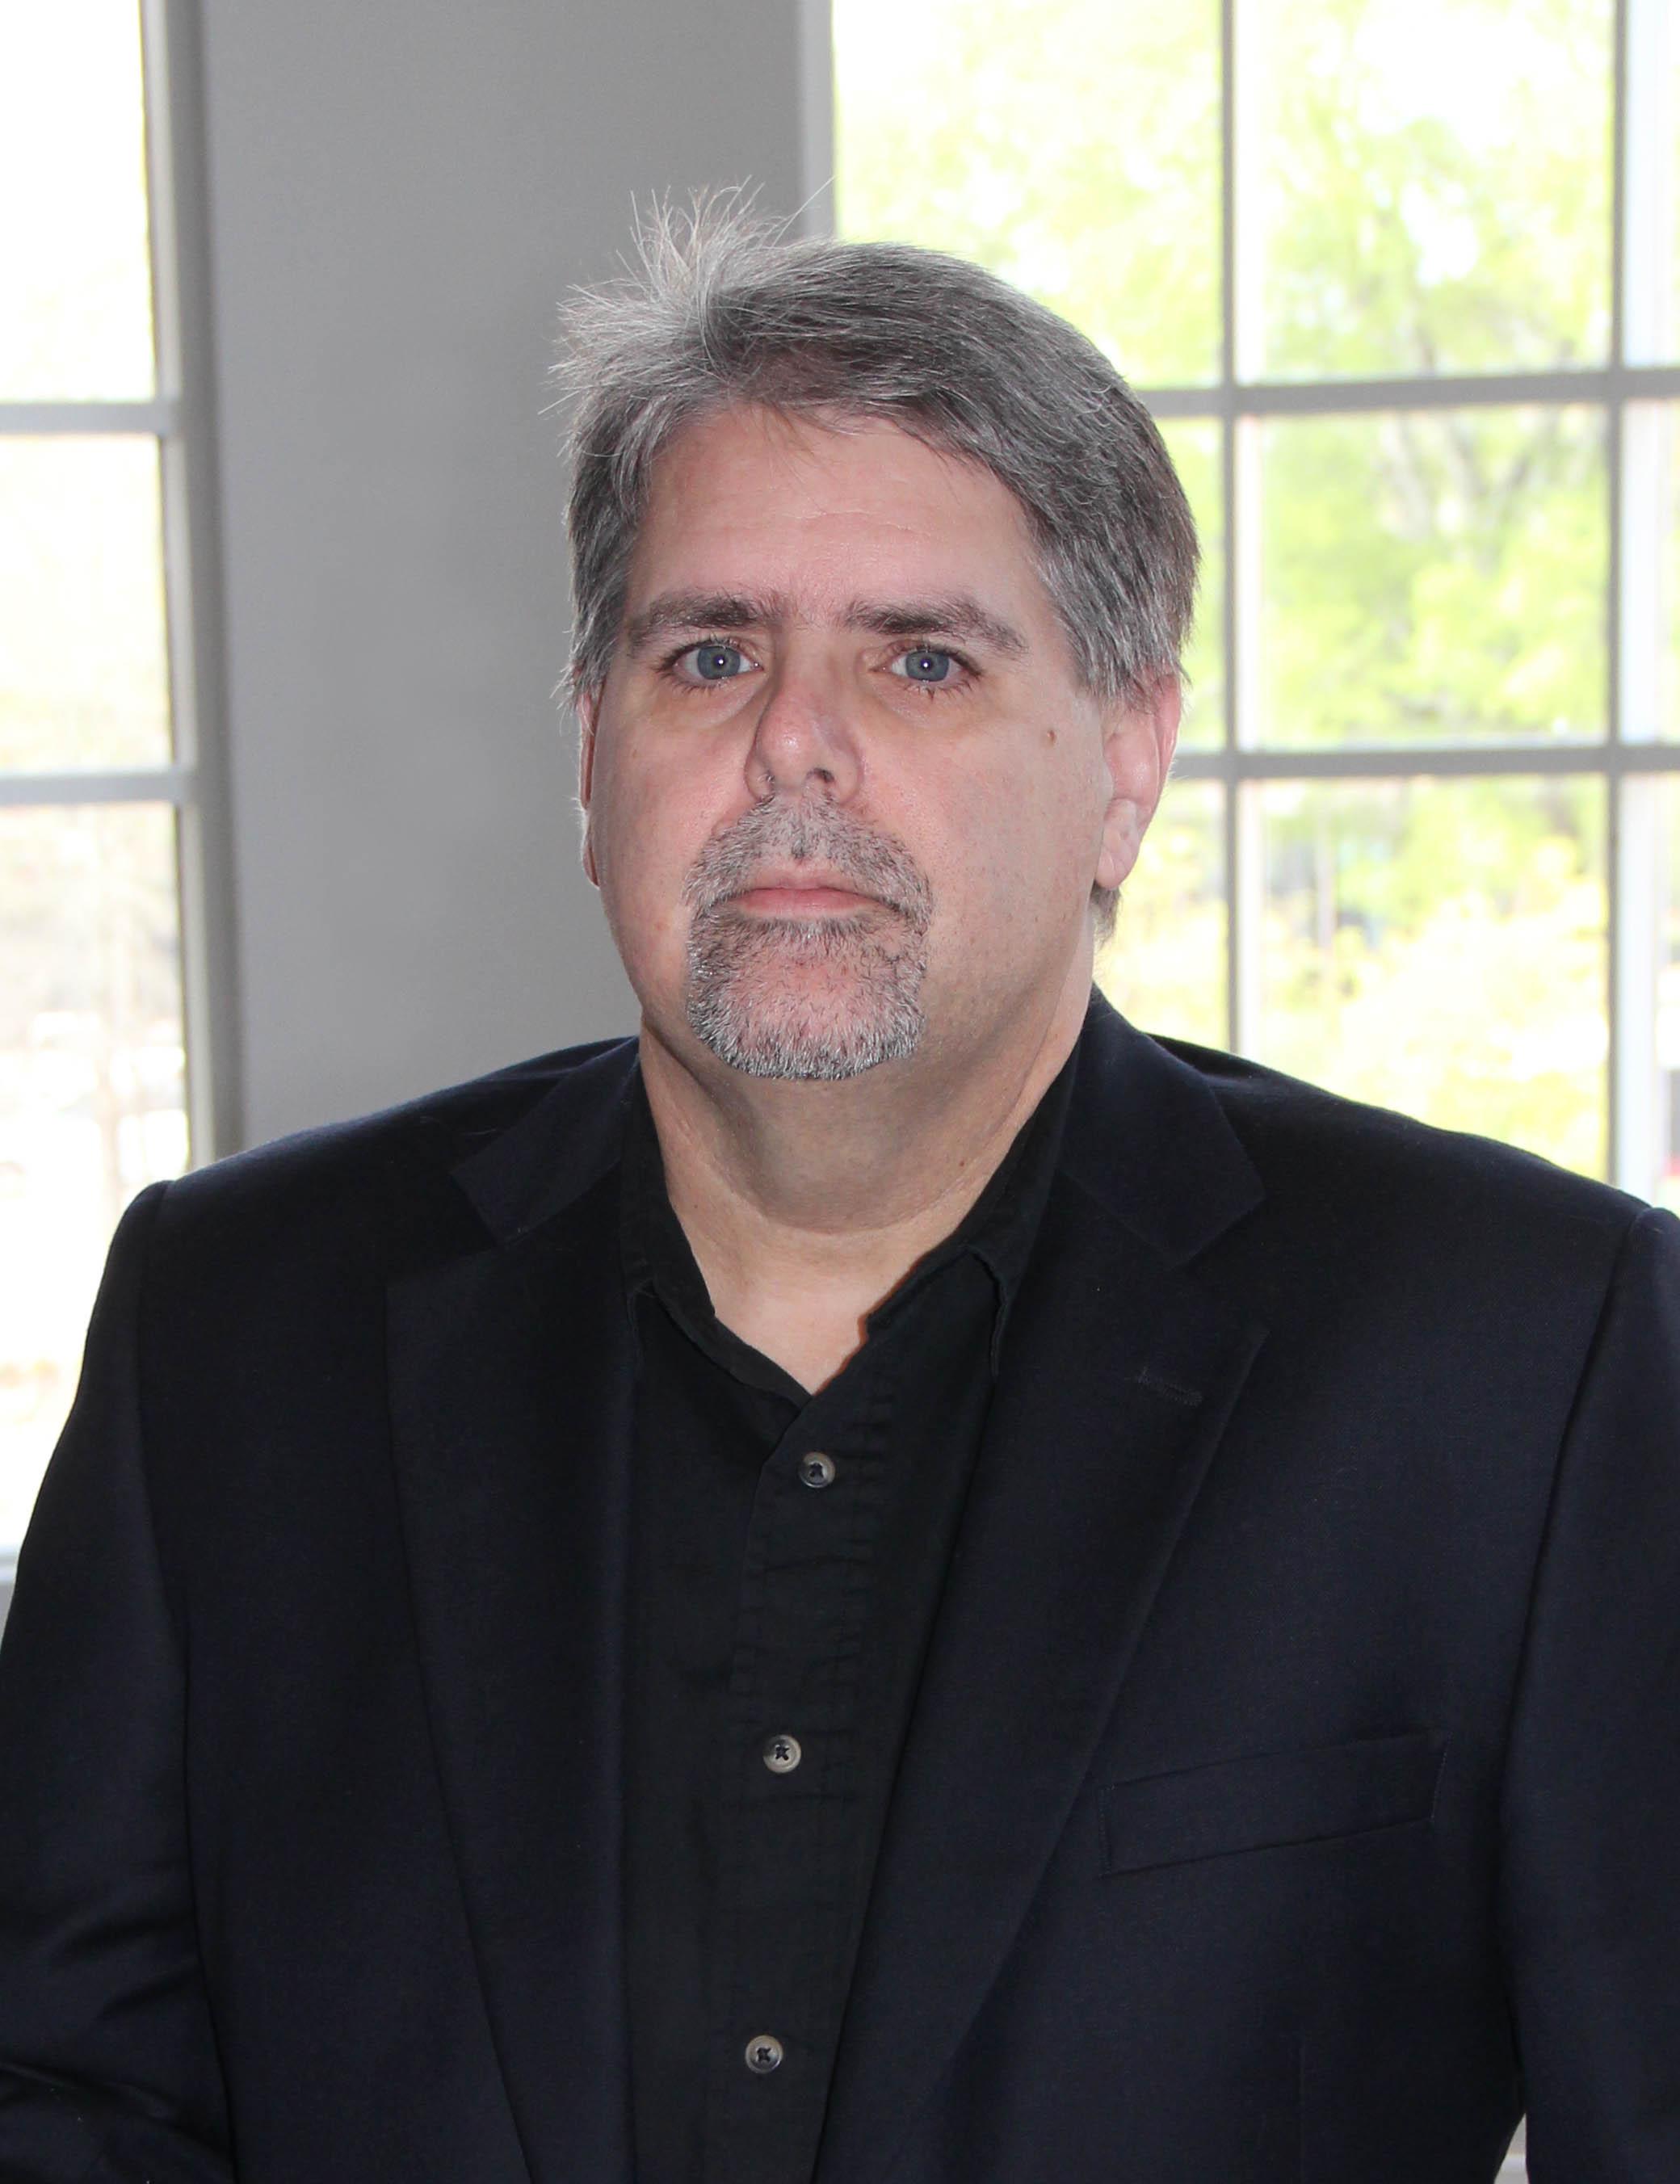 Kevin Shanahan PhD